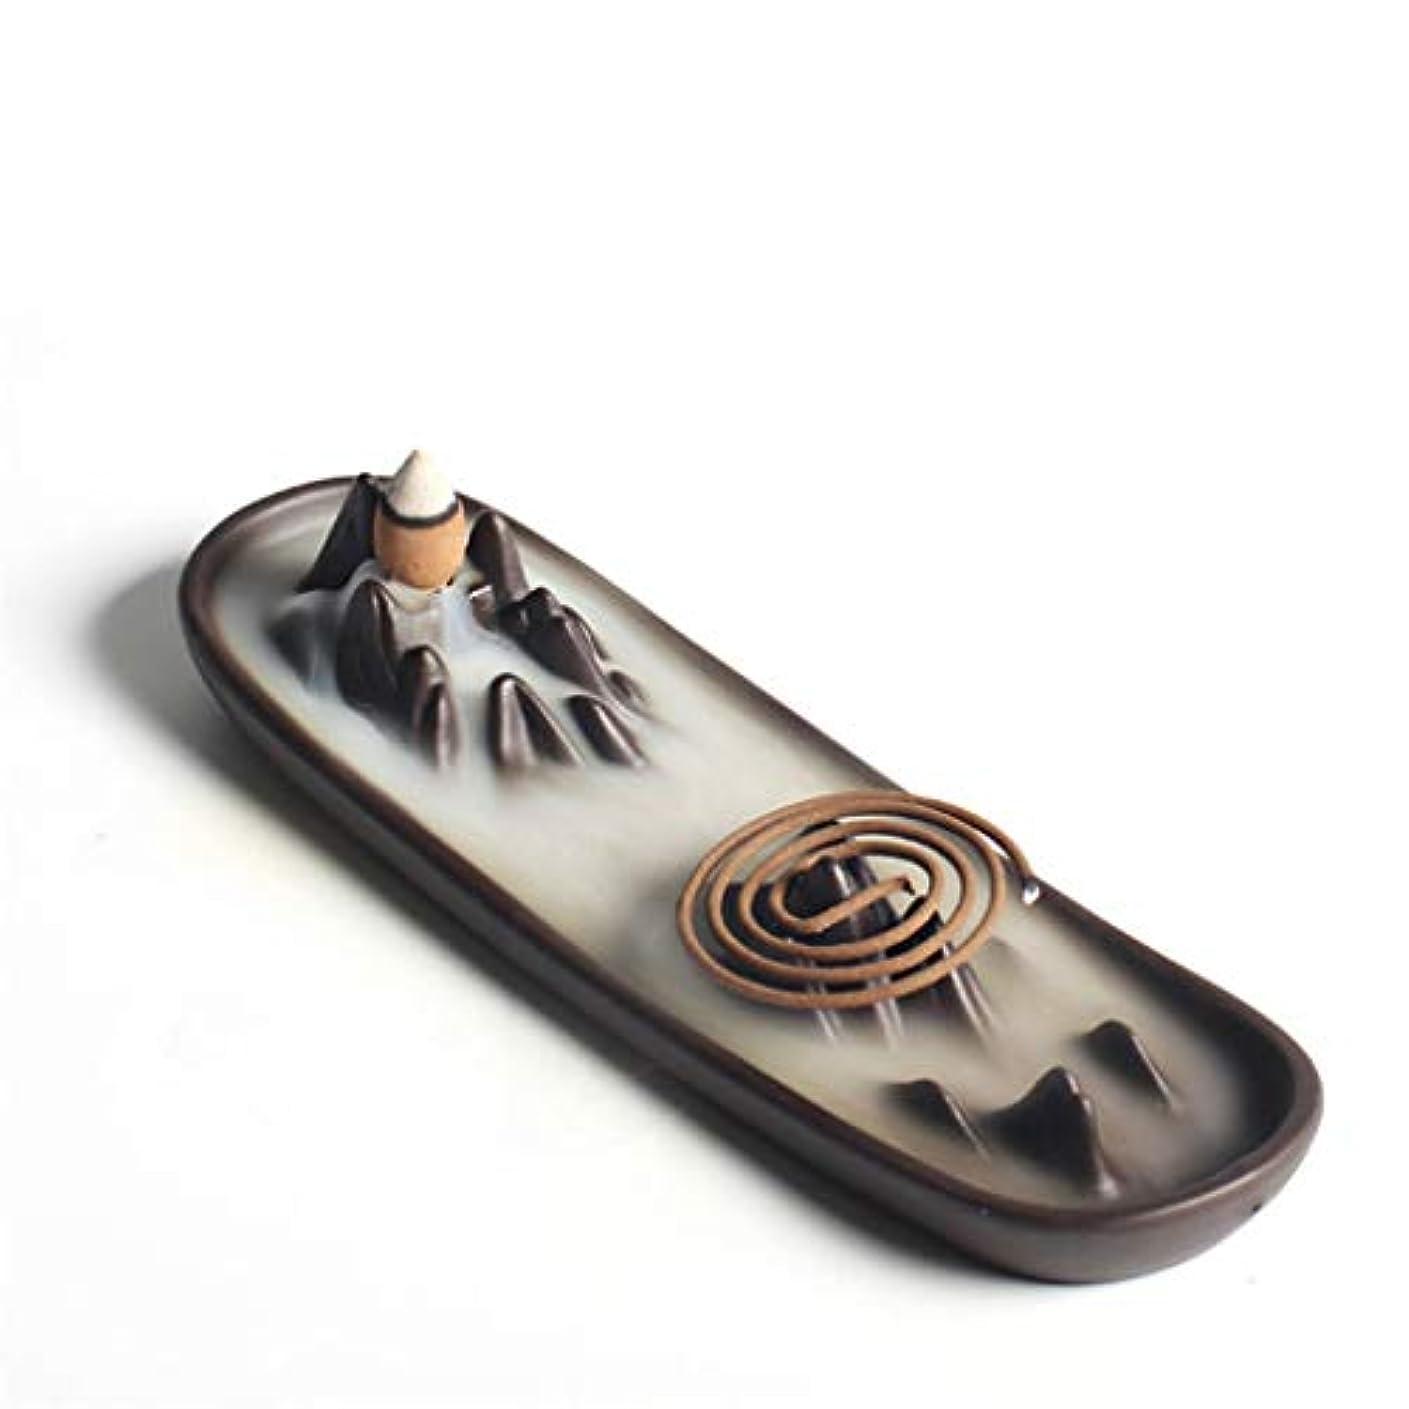 ワット科学的メールホームアロマバーナー 逆流香バーナー家の装飾セラミックアロマセラピー仏教の滝香炉香コイルスティックホルダー 芳香器アロマバーナー (Color : A)